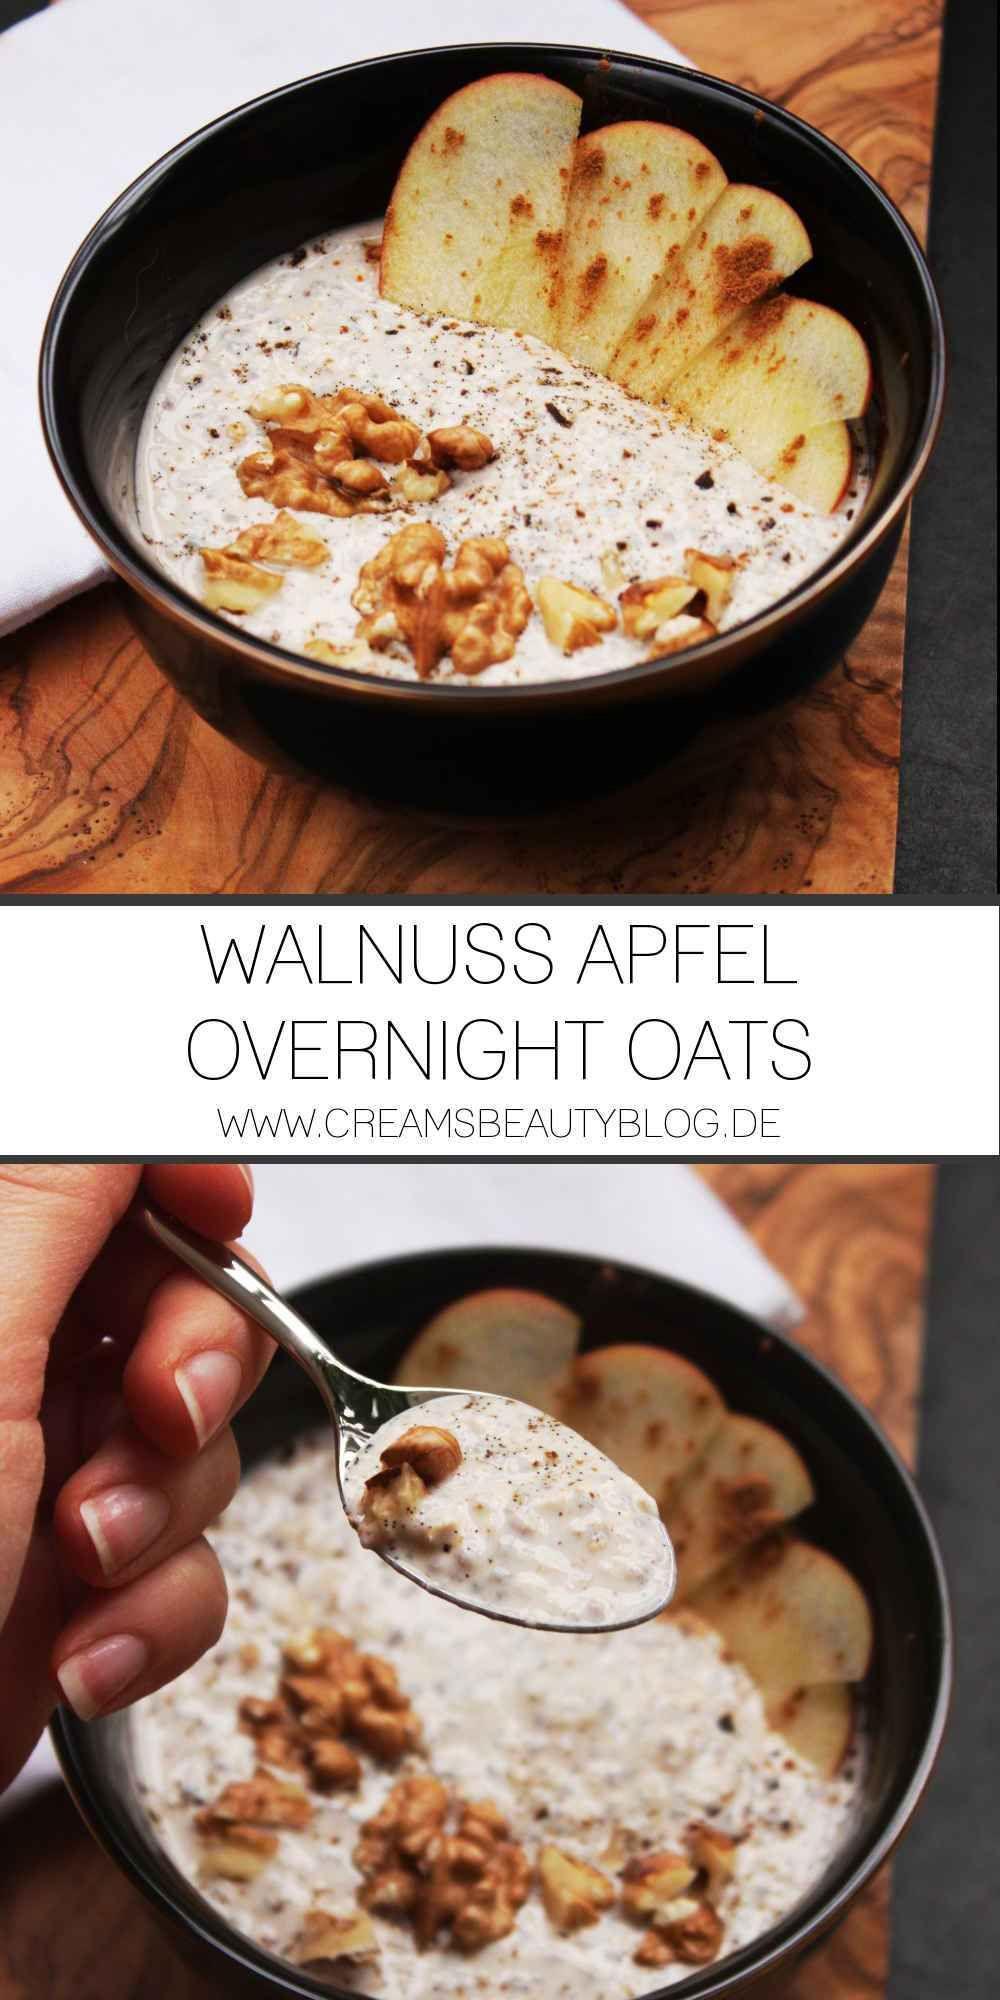 Walnuss Apfel Overnight Oats Rezept - Ein Pummel Wird Fit